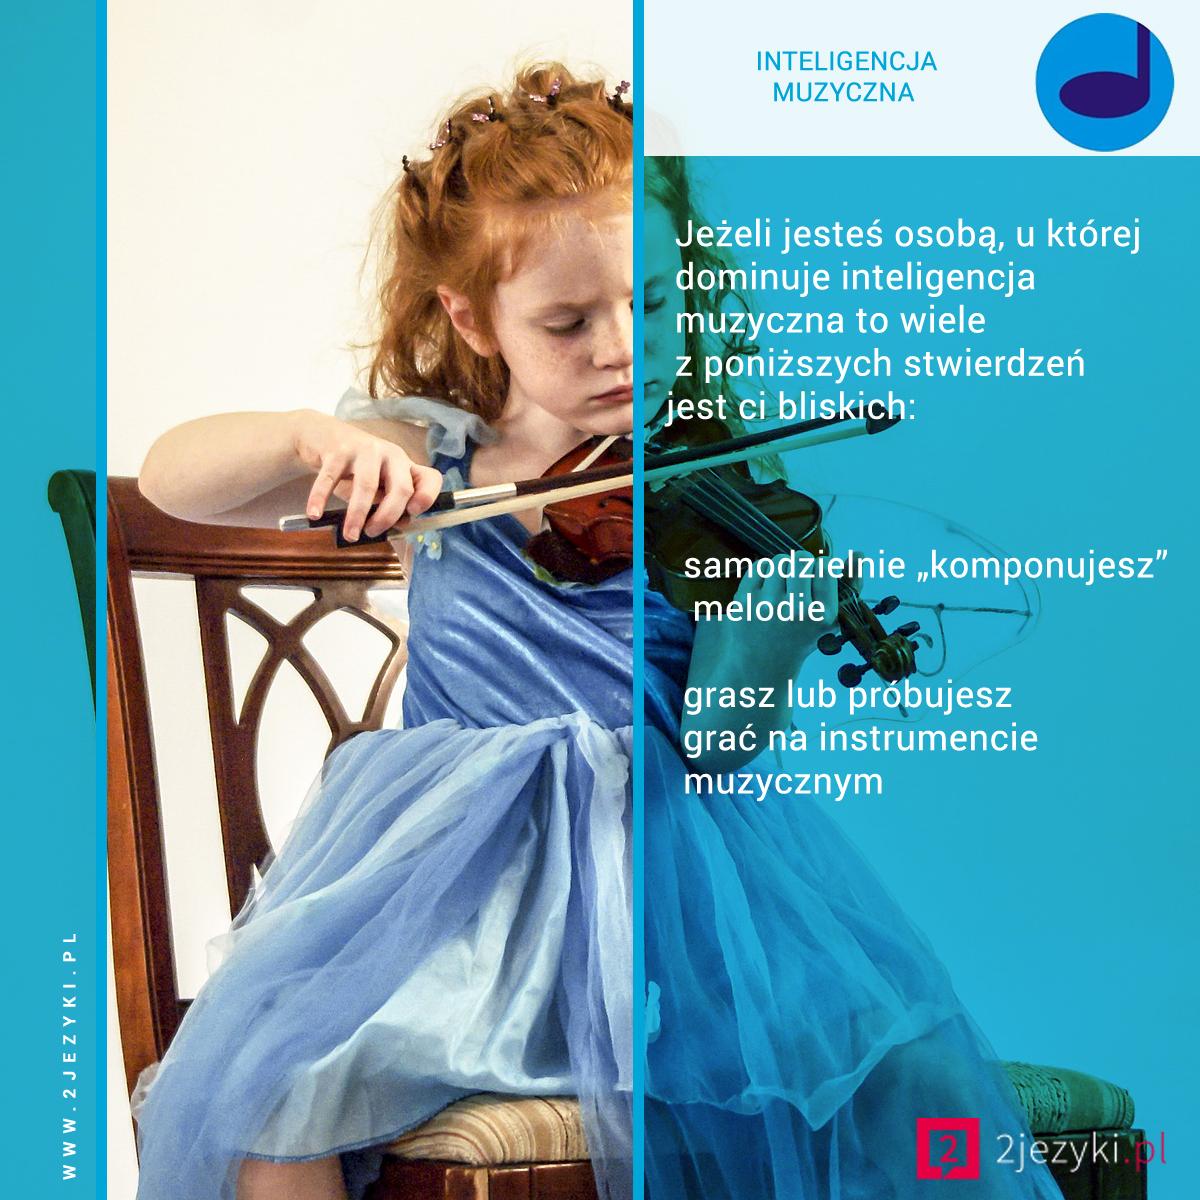 Rozwijamy inteligencję muzyczną w żłobku i przedszkolu w Wieliczce – Tomaszkowicach